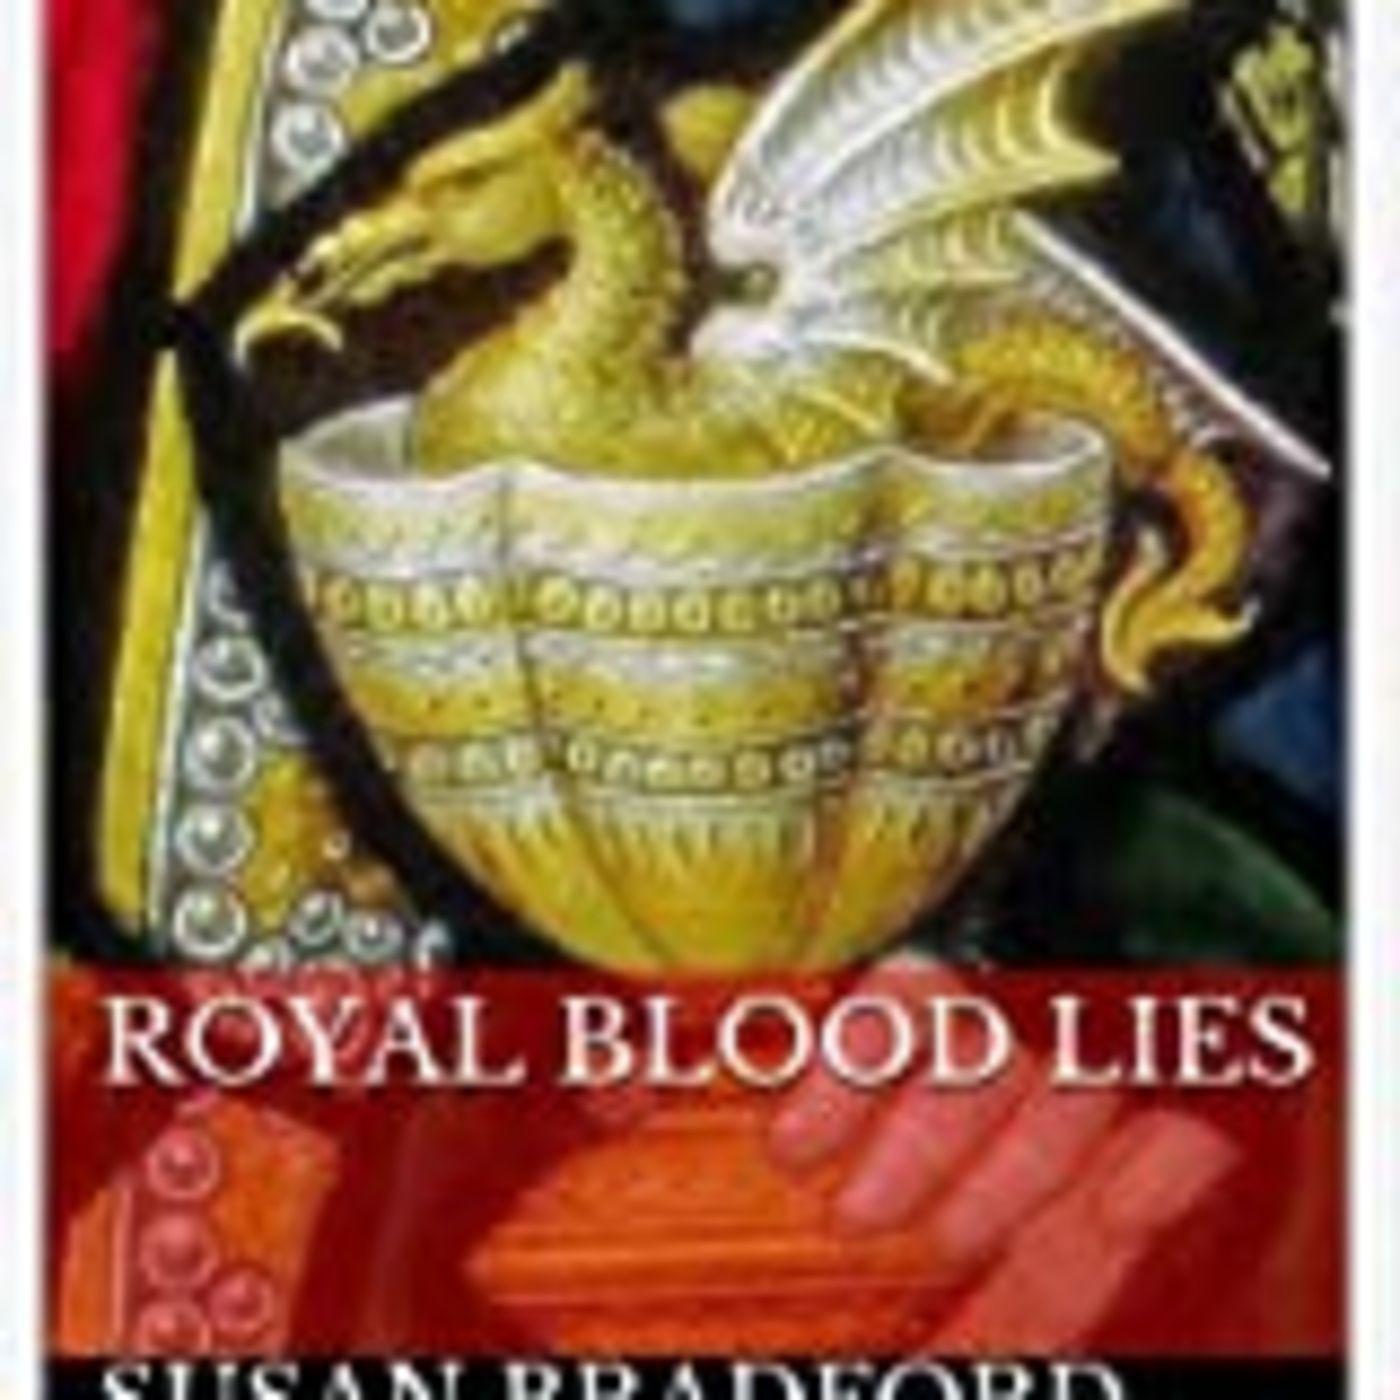 Episode 893: Royal Blood Lies